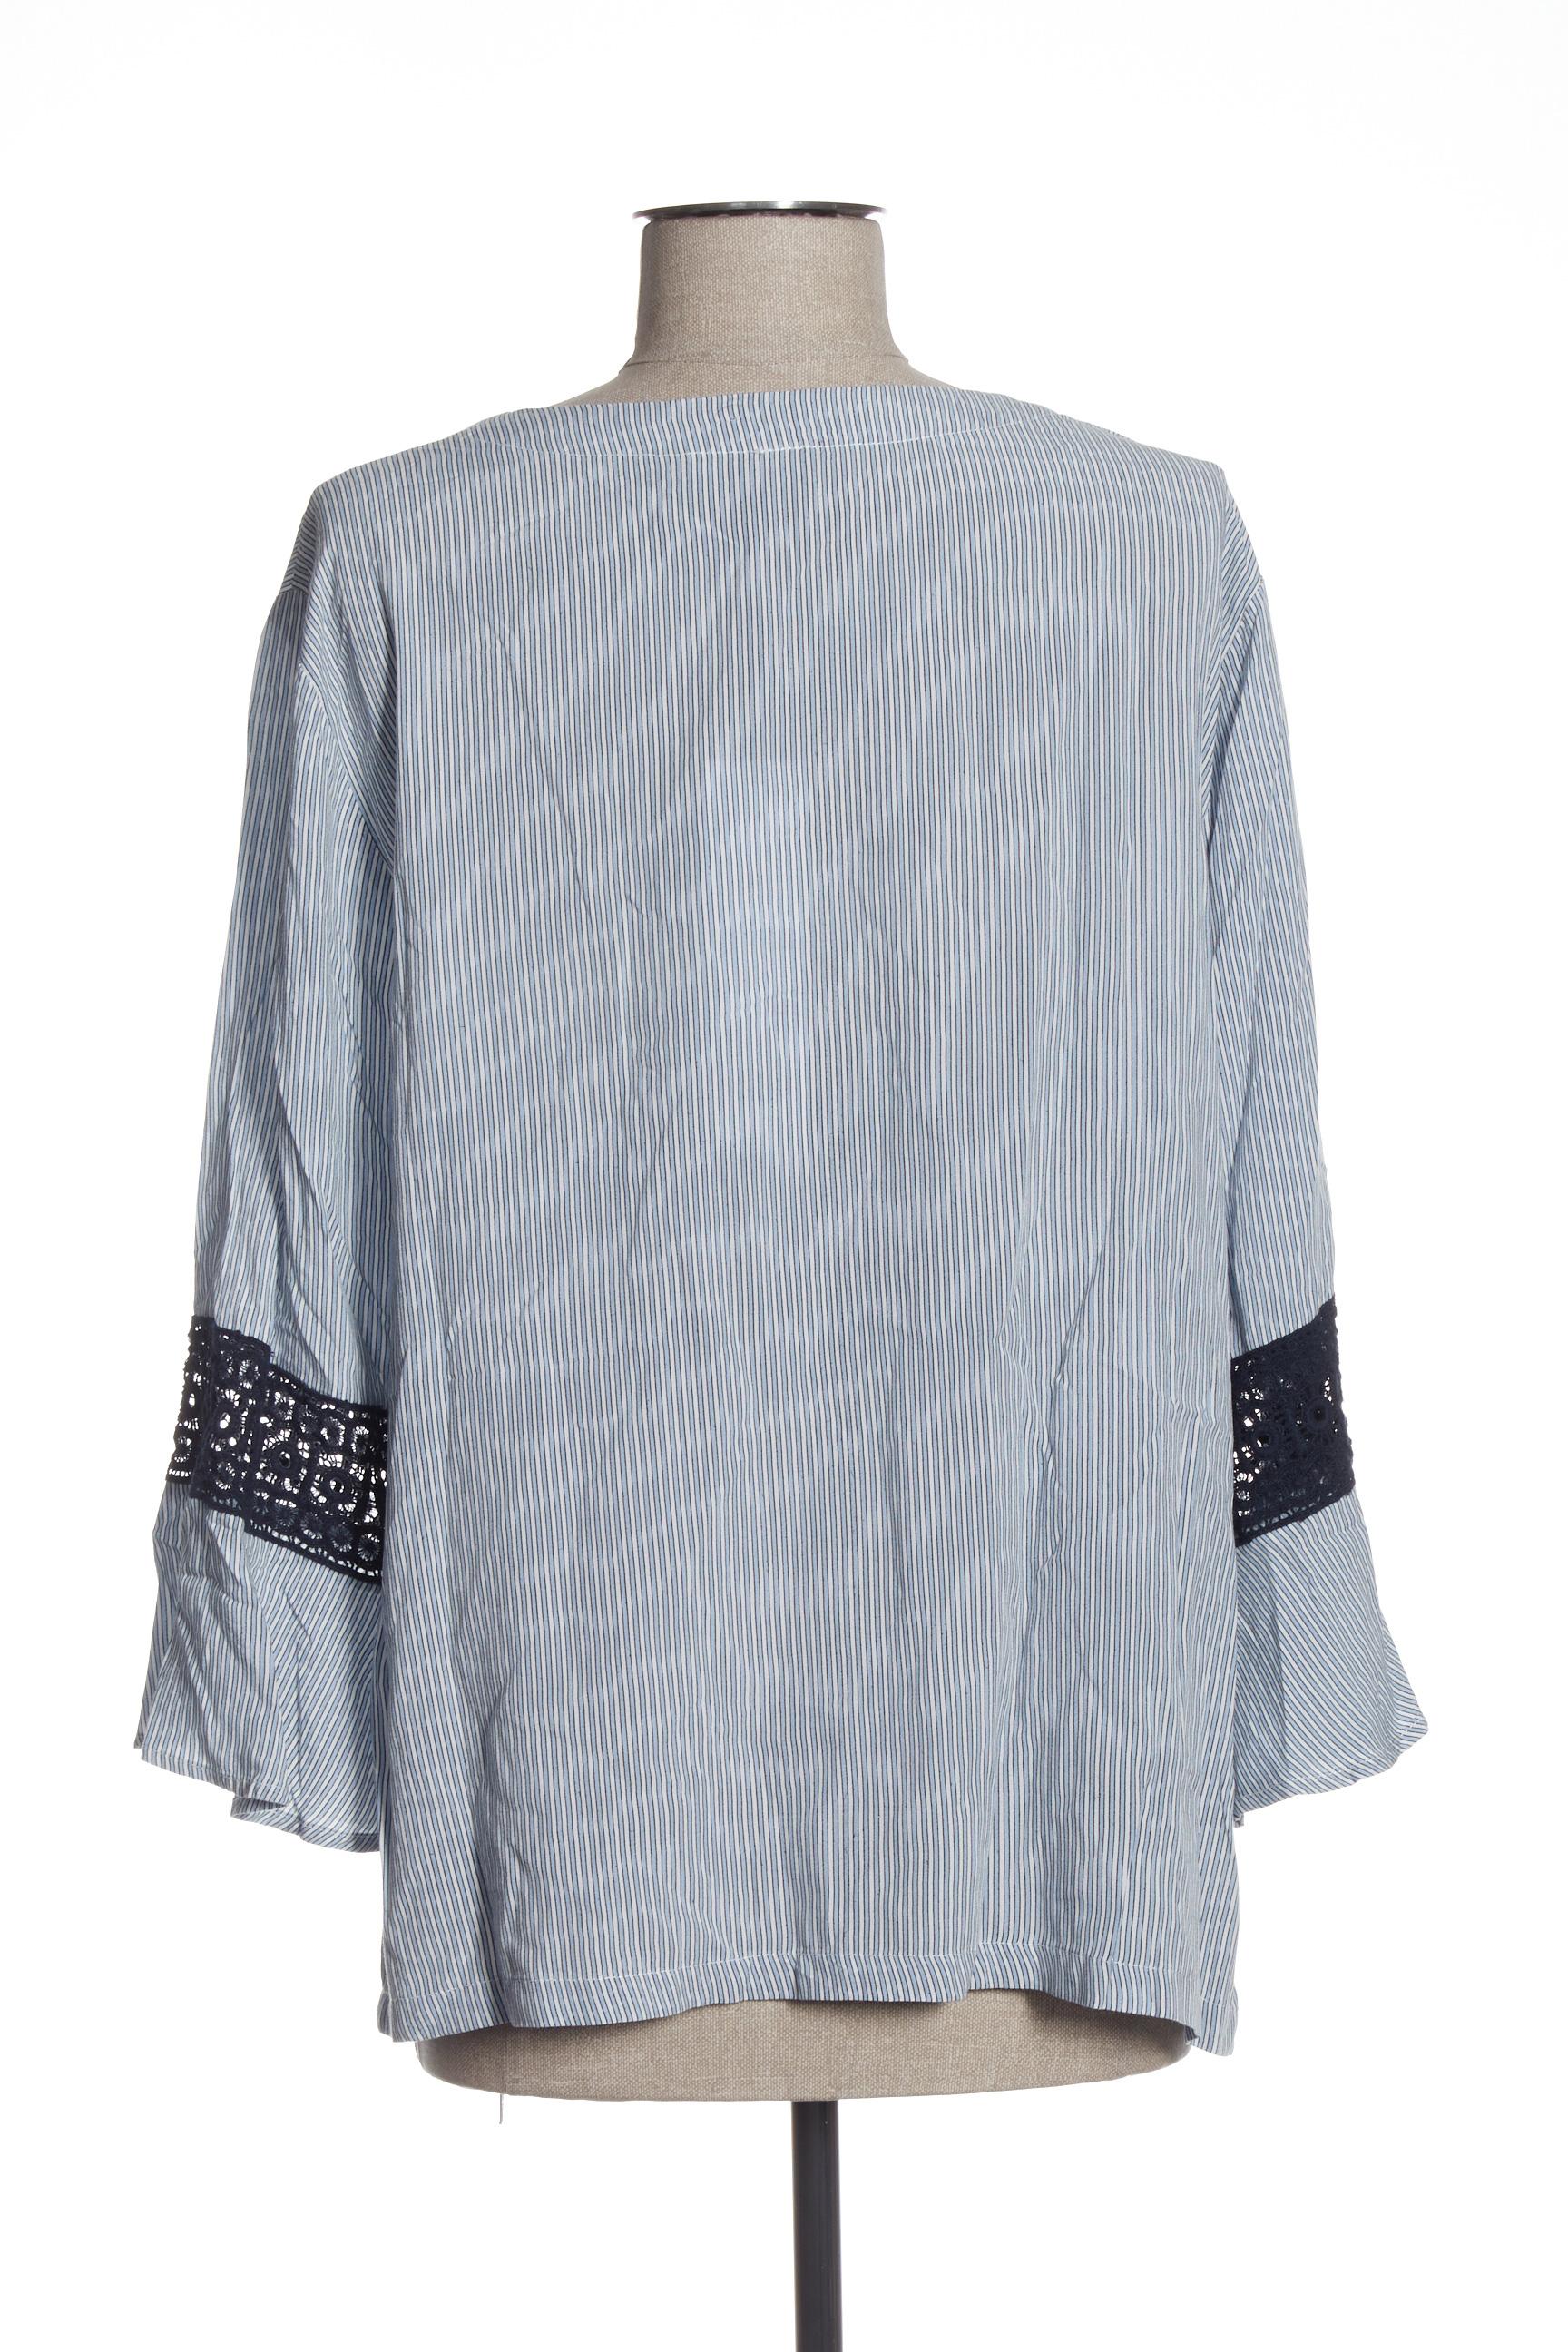 Brandtex Blouses Femme De Couleur Bleu En Soldes Pas Cher 1435090-bleu00